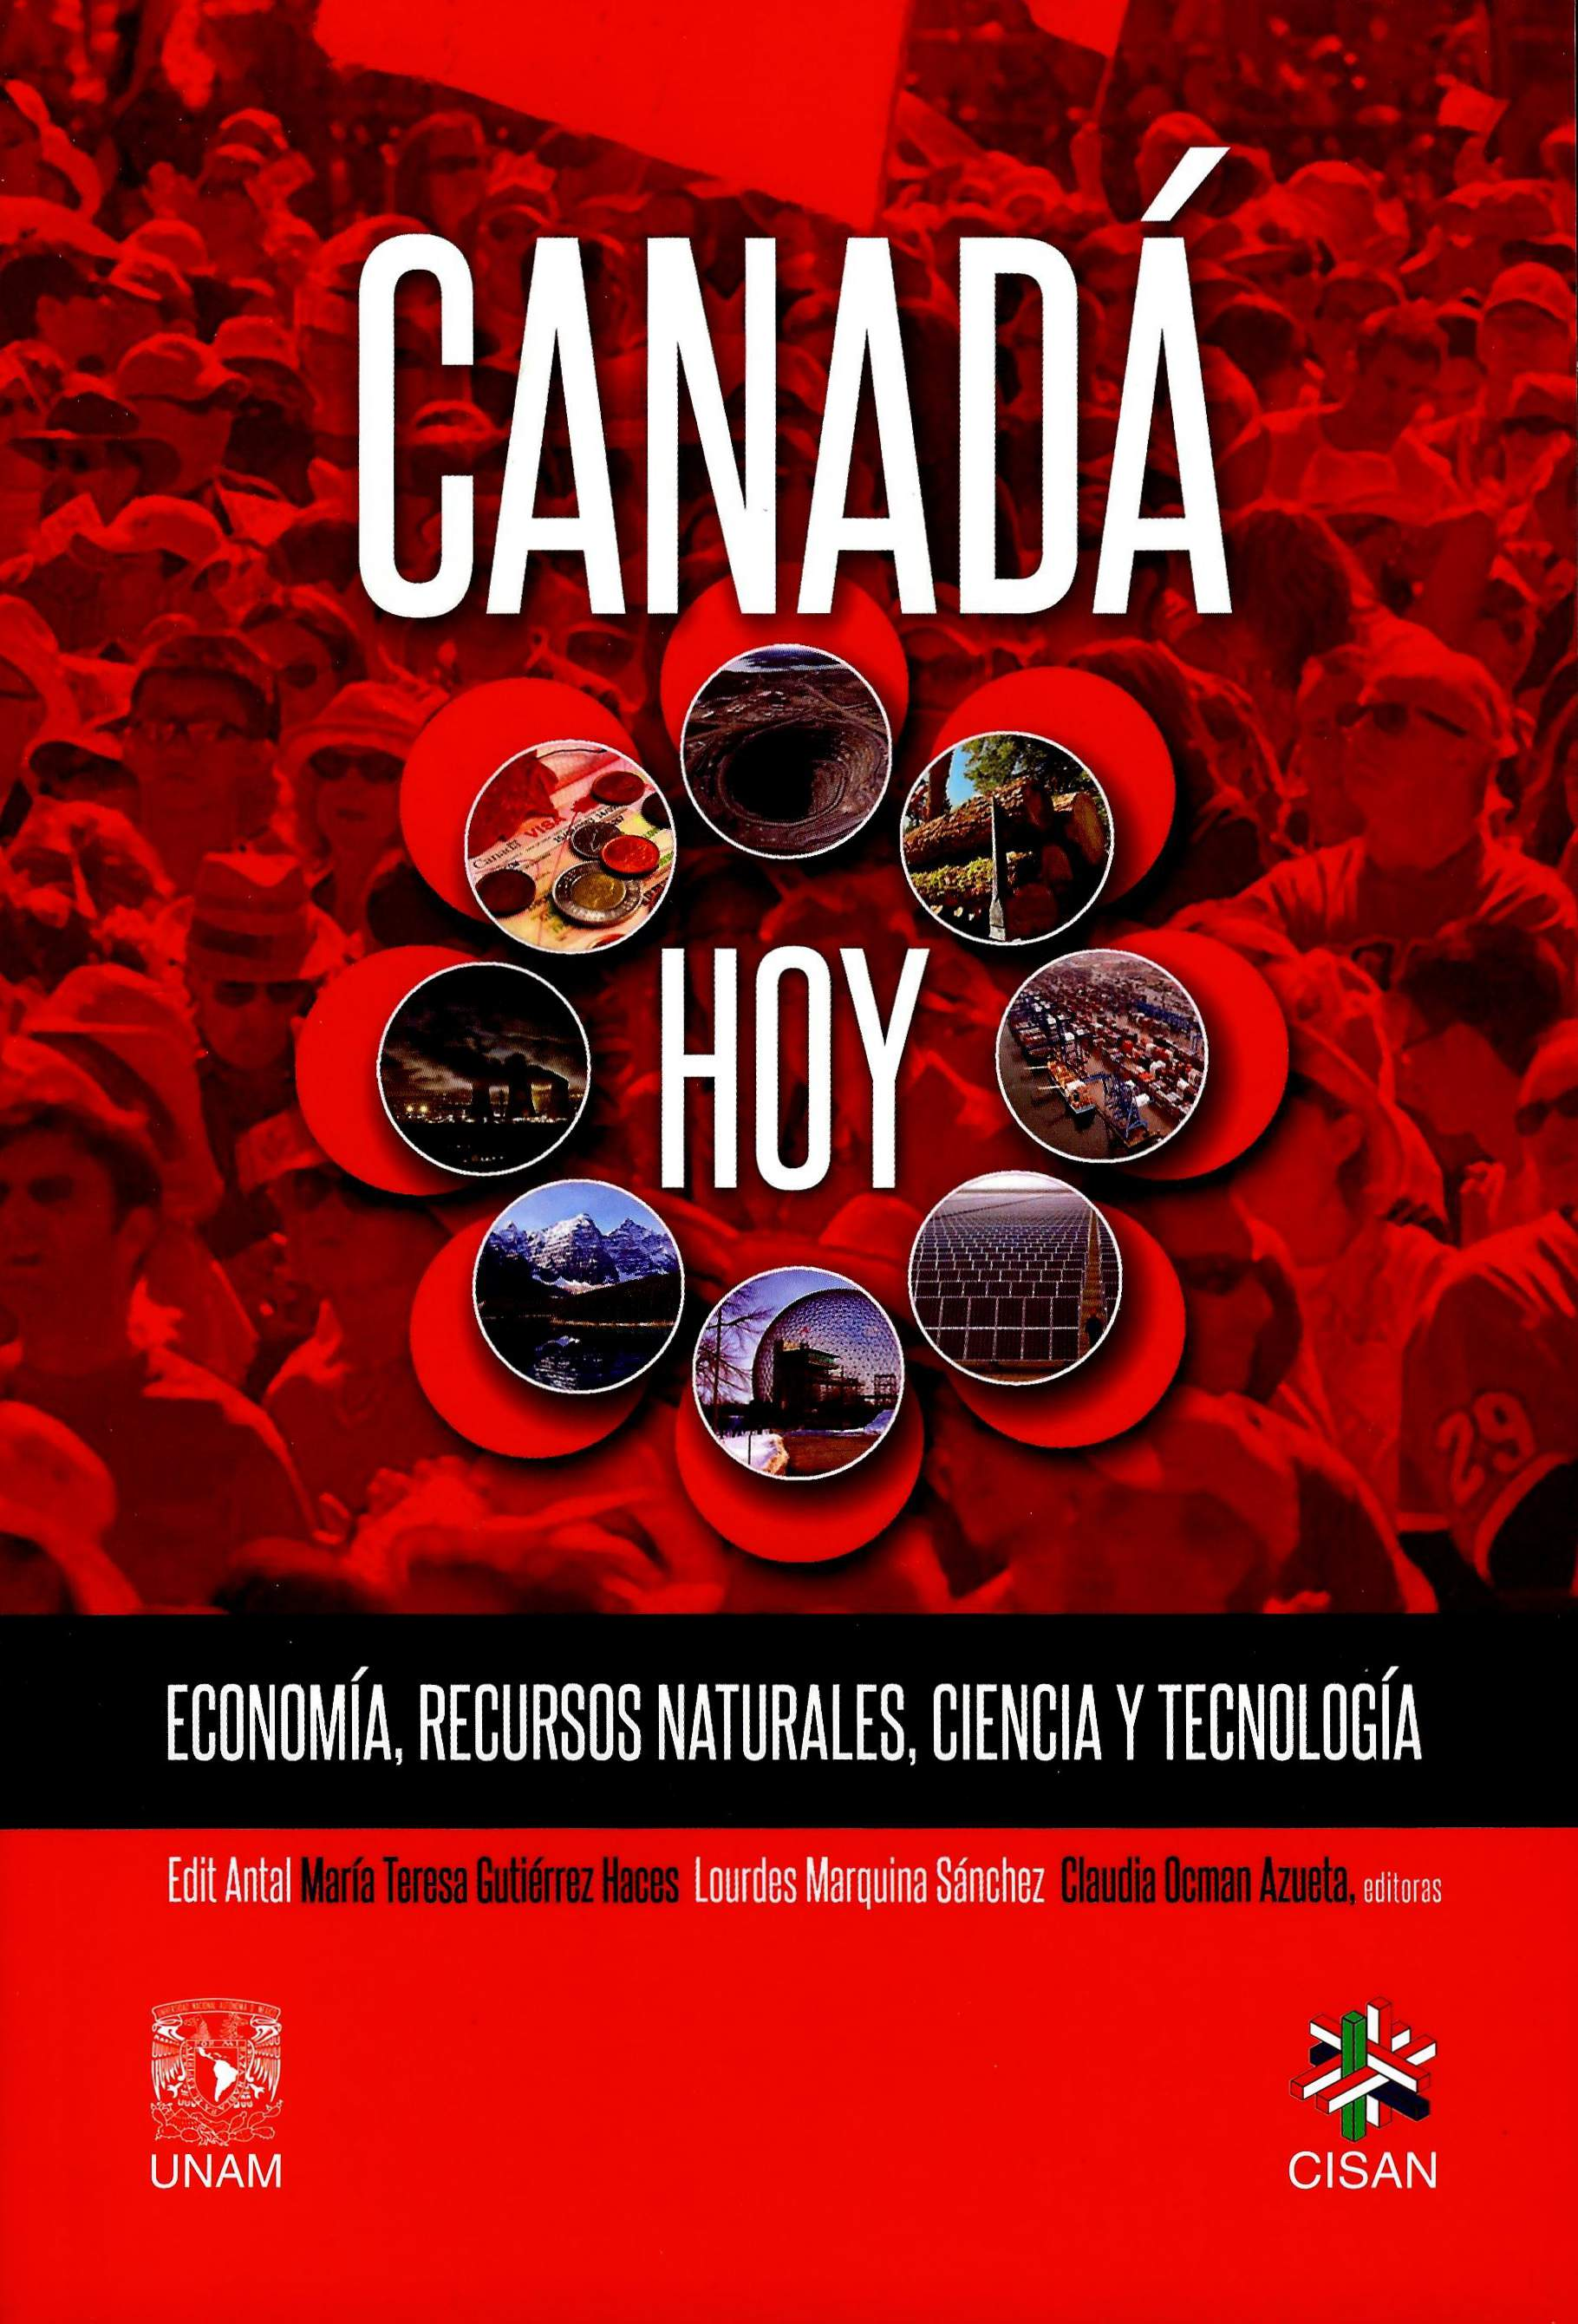 Canadá hoy. Economía, recursos naturales, ciencia y tecnología